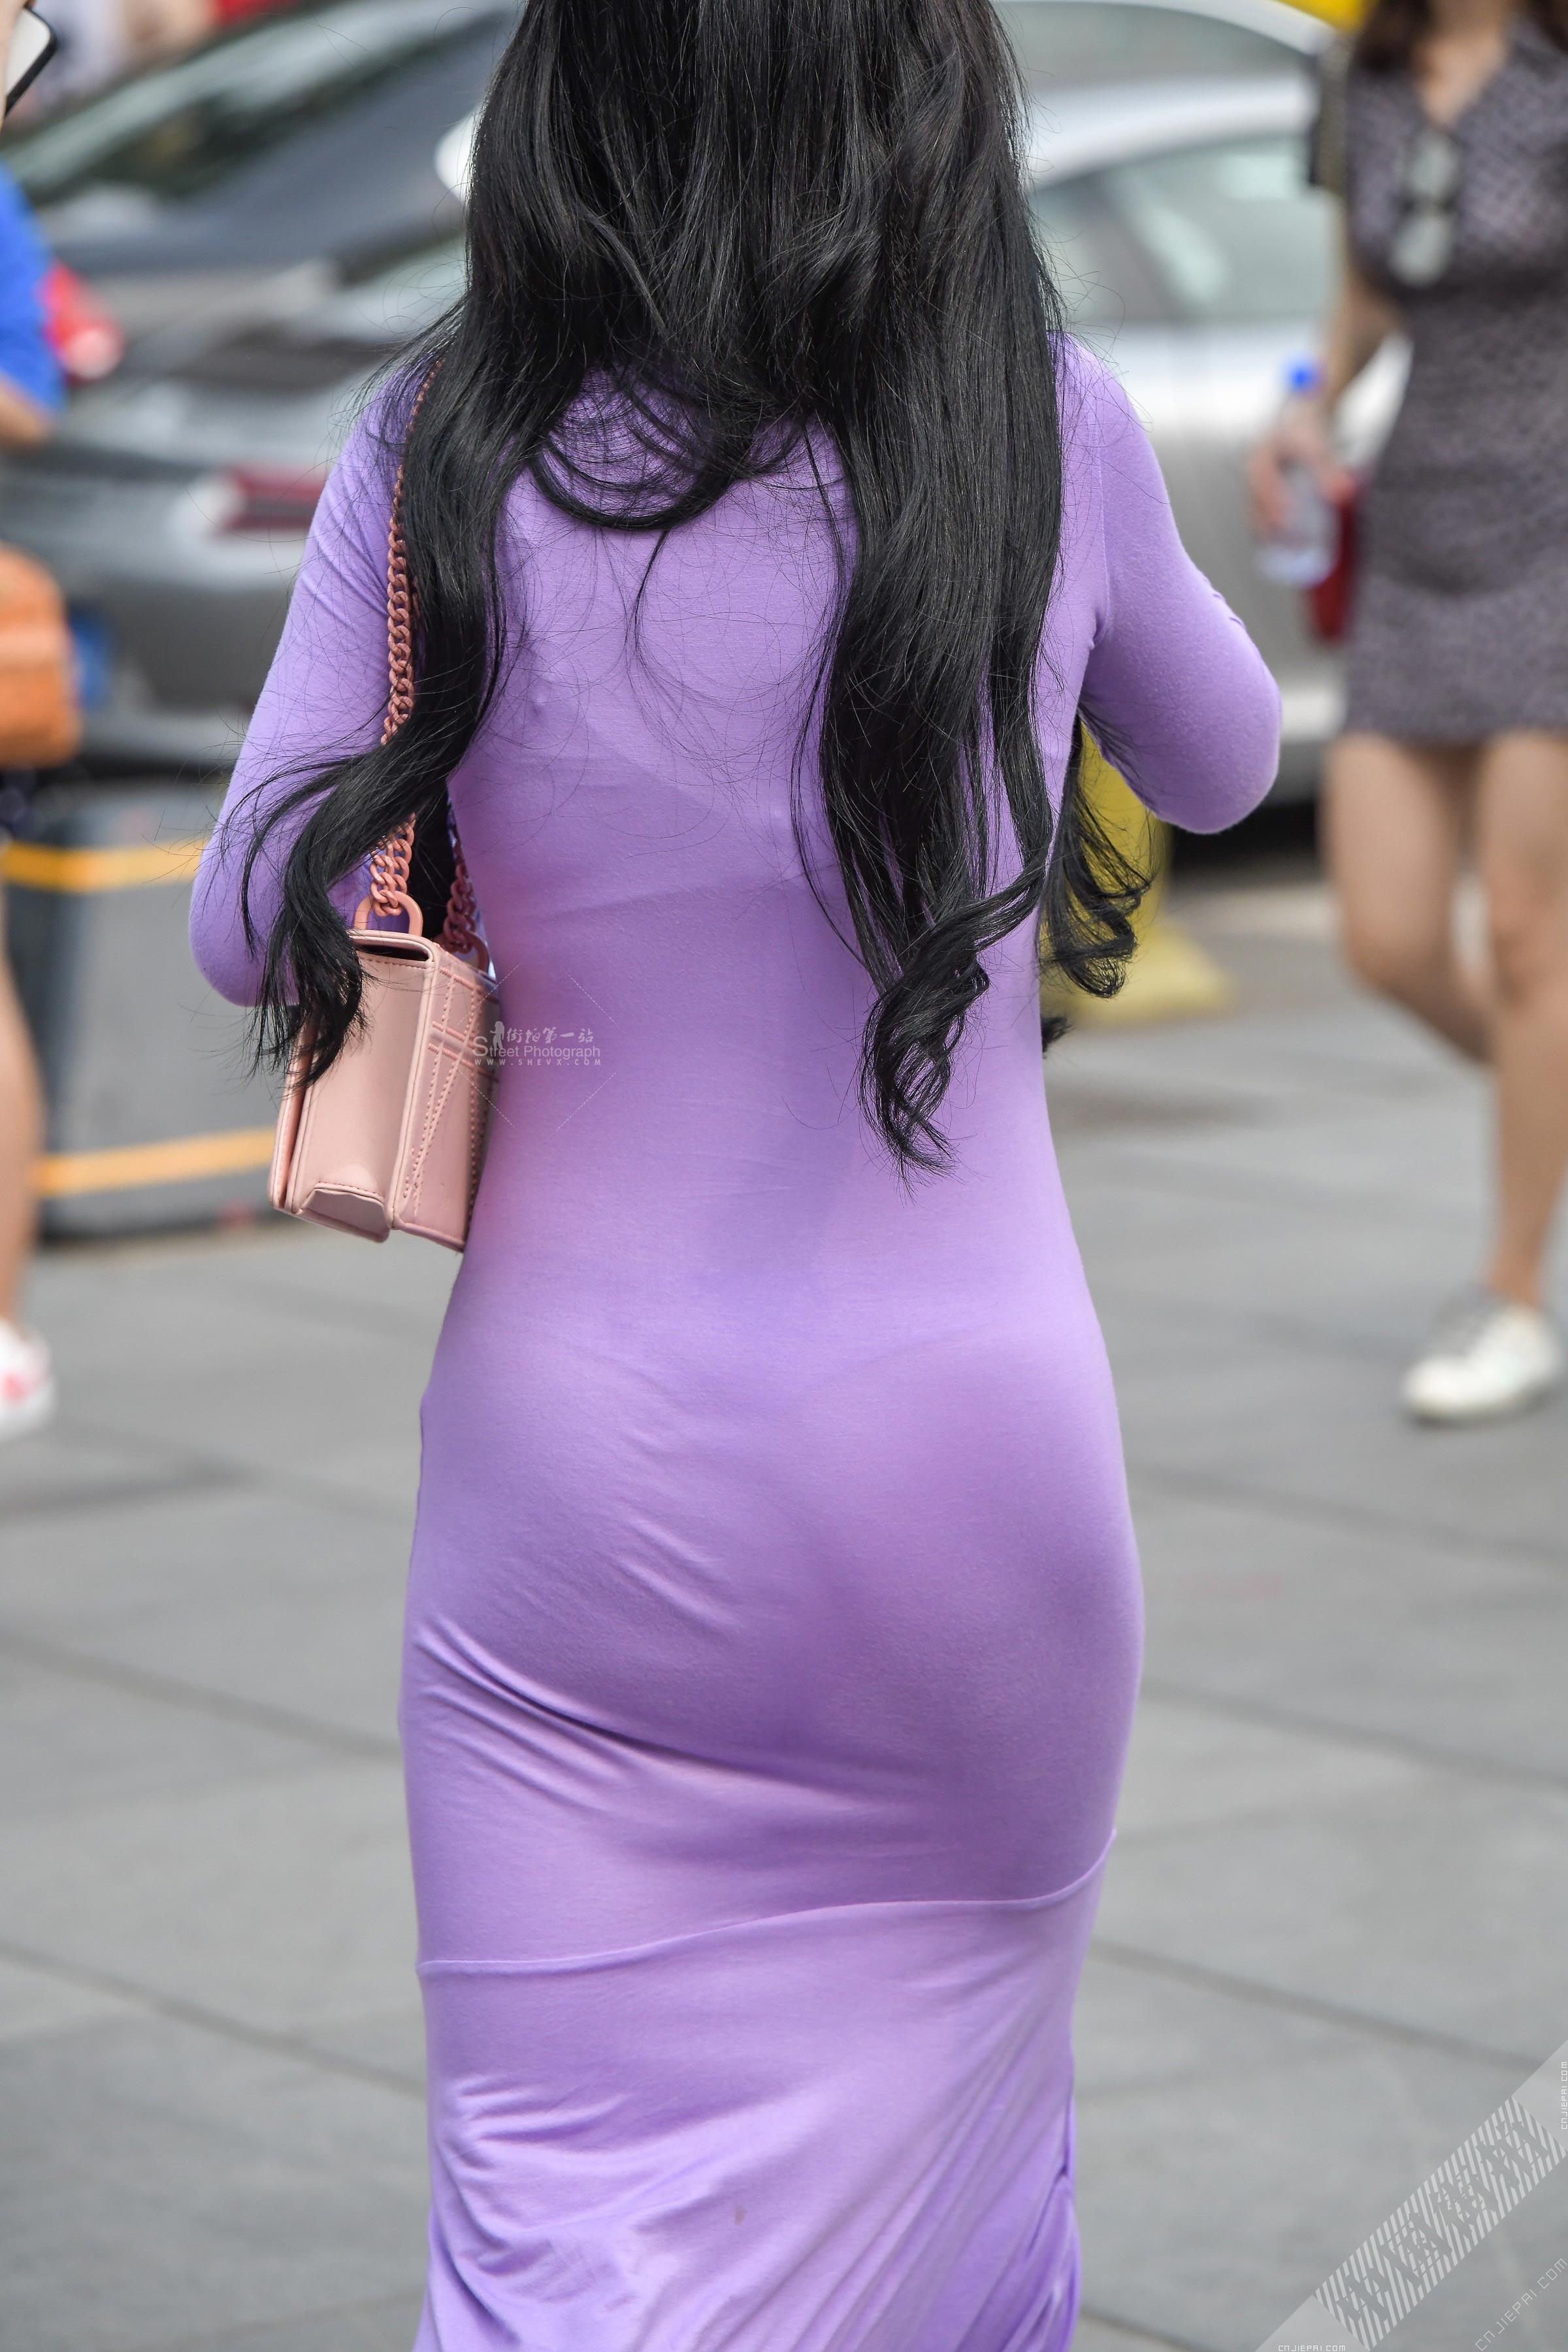 紫色贴身长裙长发美女,大胸美臀超高回头率 图16